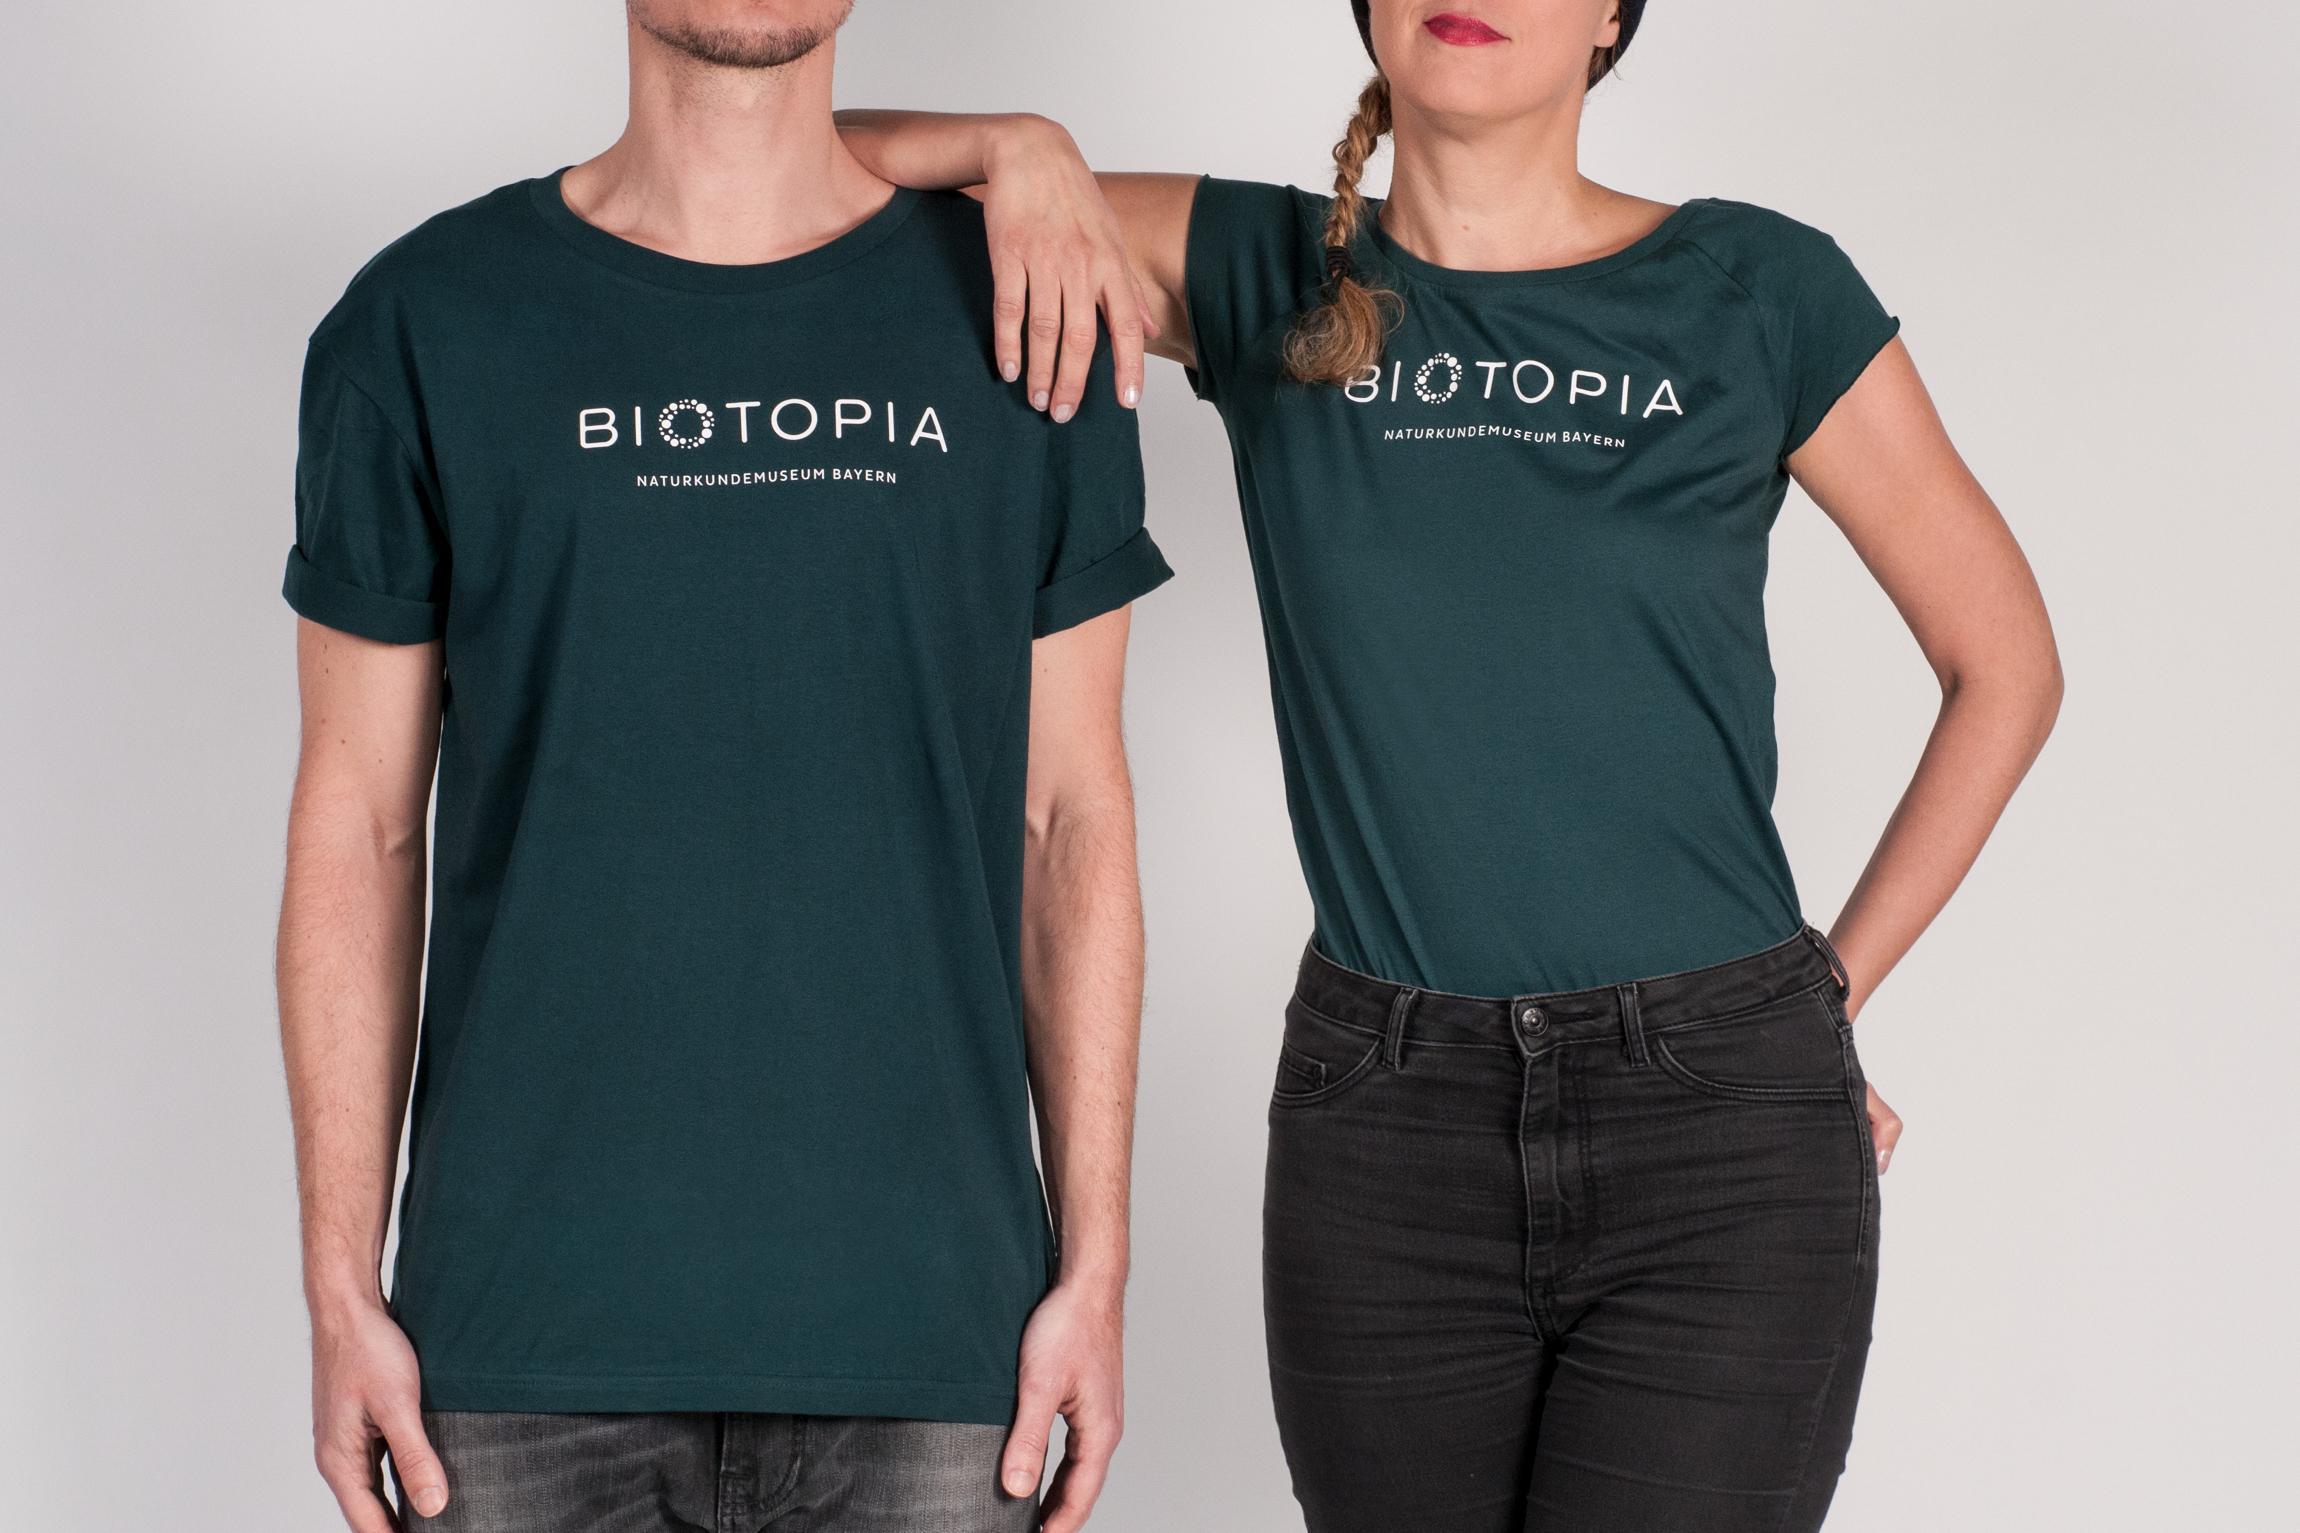 biotopia-museum-erscheinungsbild-brand-story-03.jpg